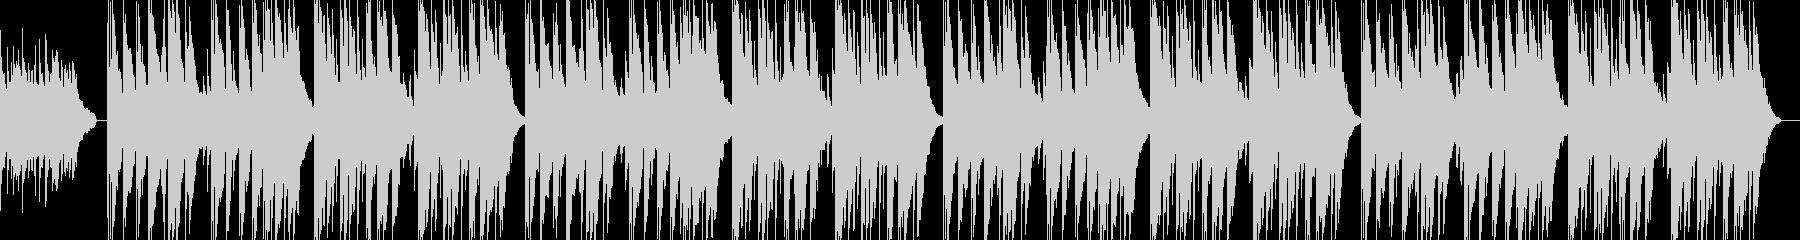 アコギのさびしくゆったりしたBGMの未再生の波形